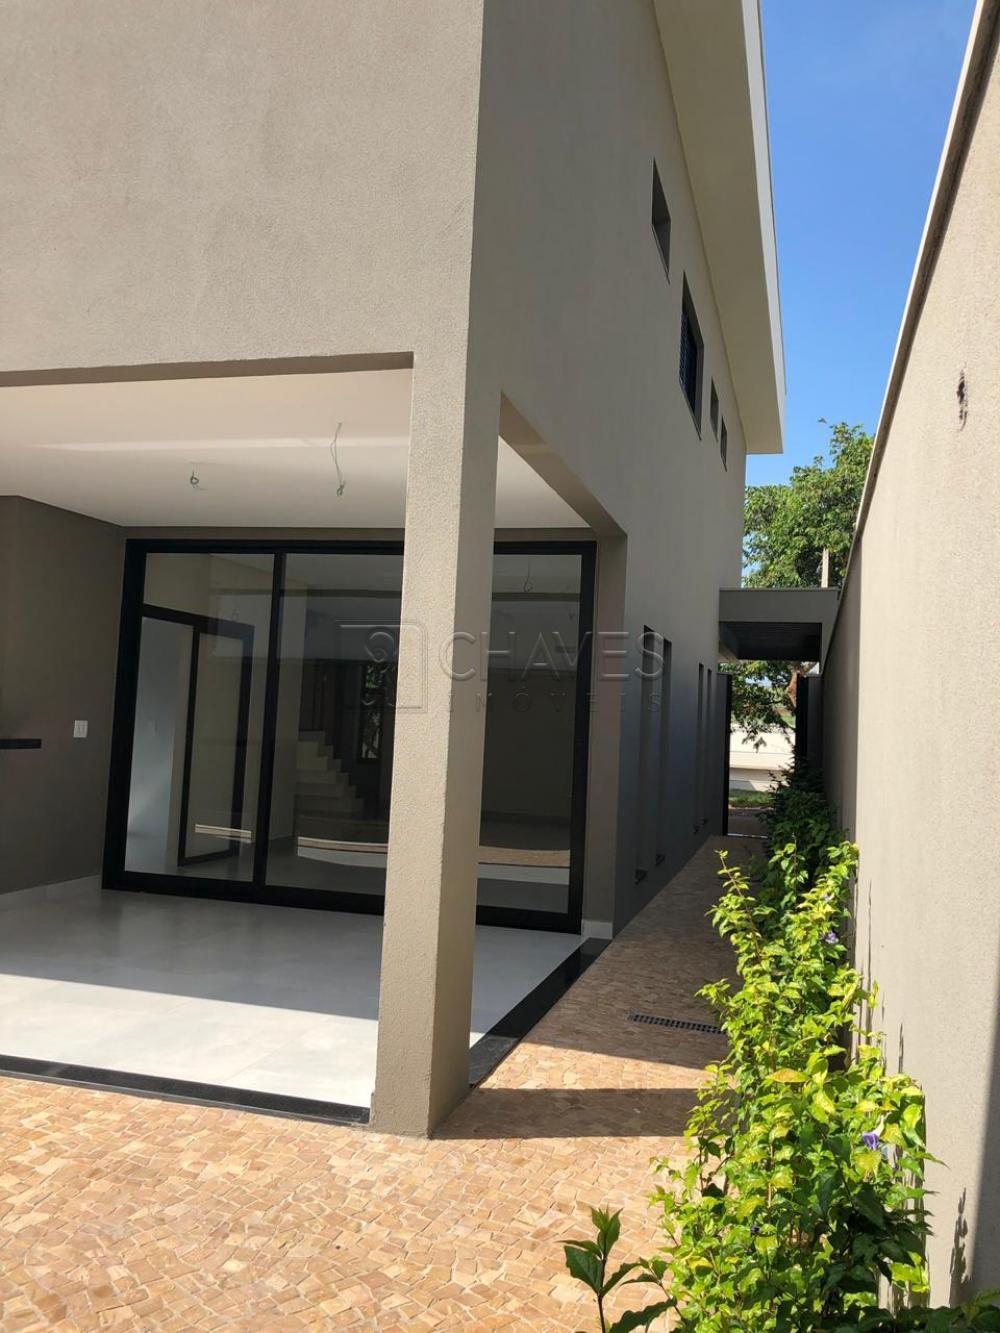 Comprar Casa / Condomínio em Ribeirão Preto apenas R$ 880.000,00 - Foto 13